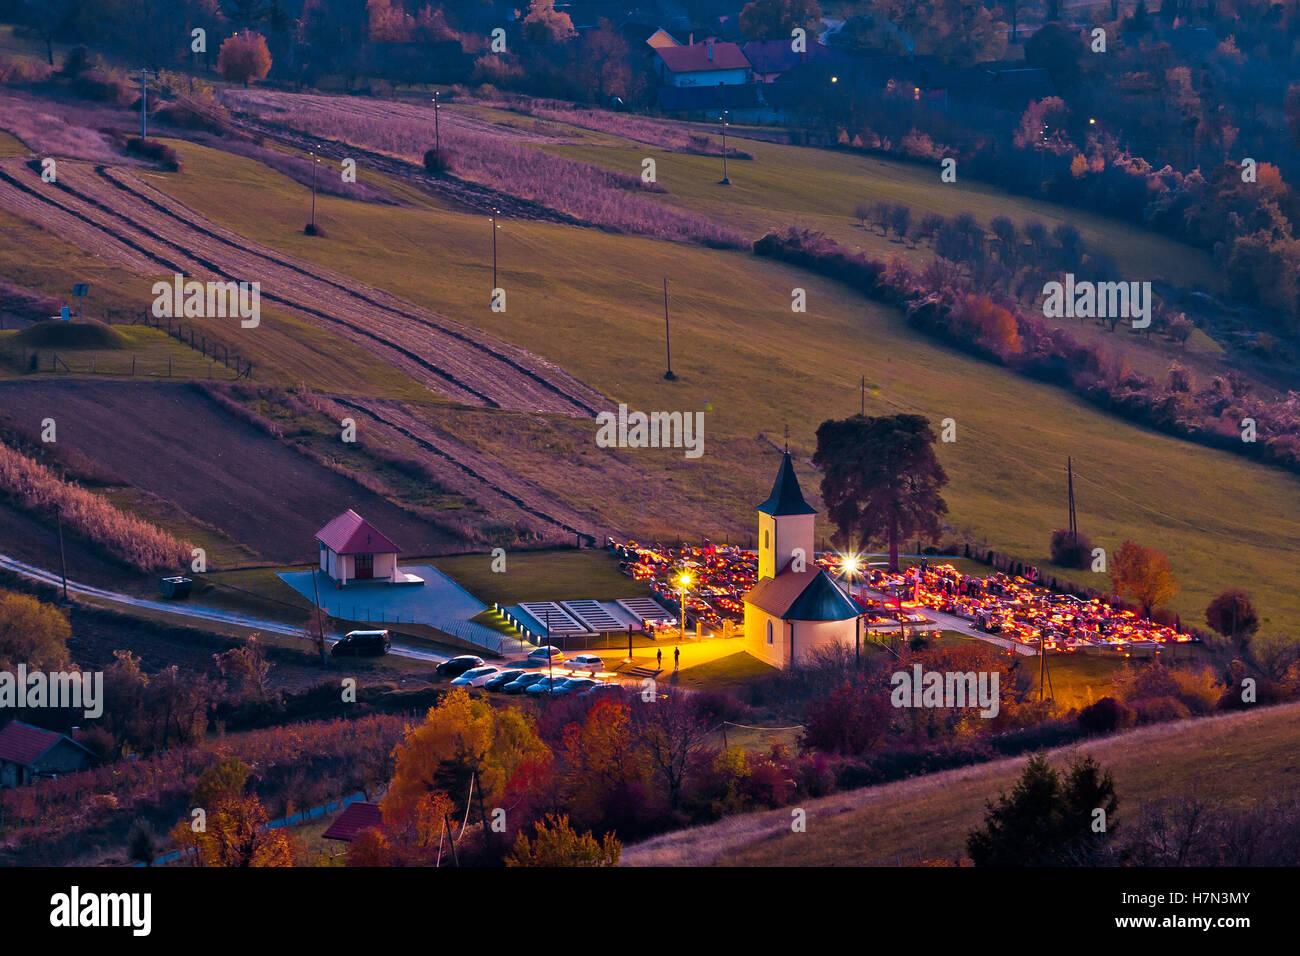 L'église et de l'idyllique cimetière soir Vue de dessus, la Ballade Région de la Croatie Photo Stock